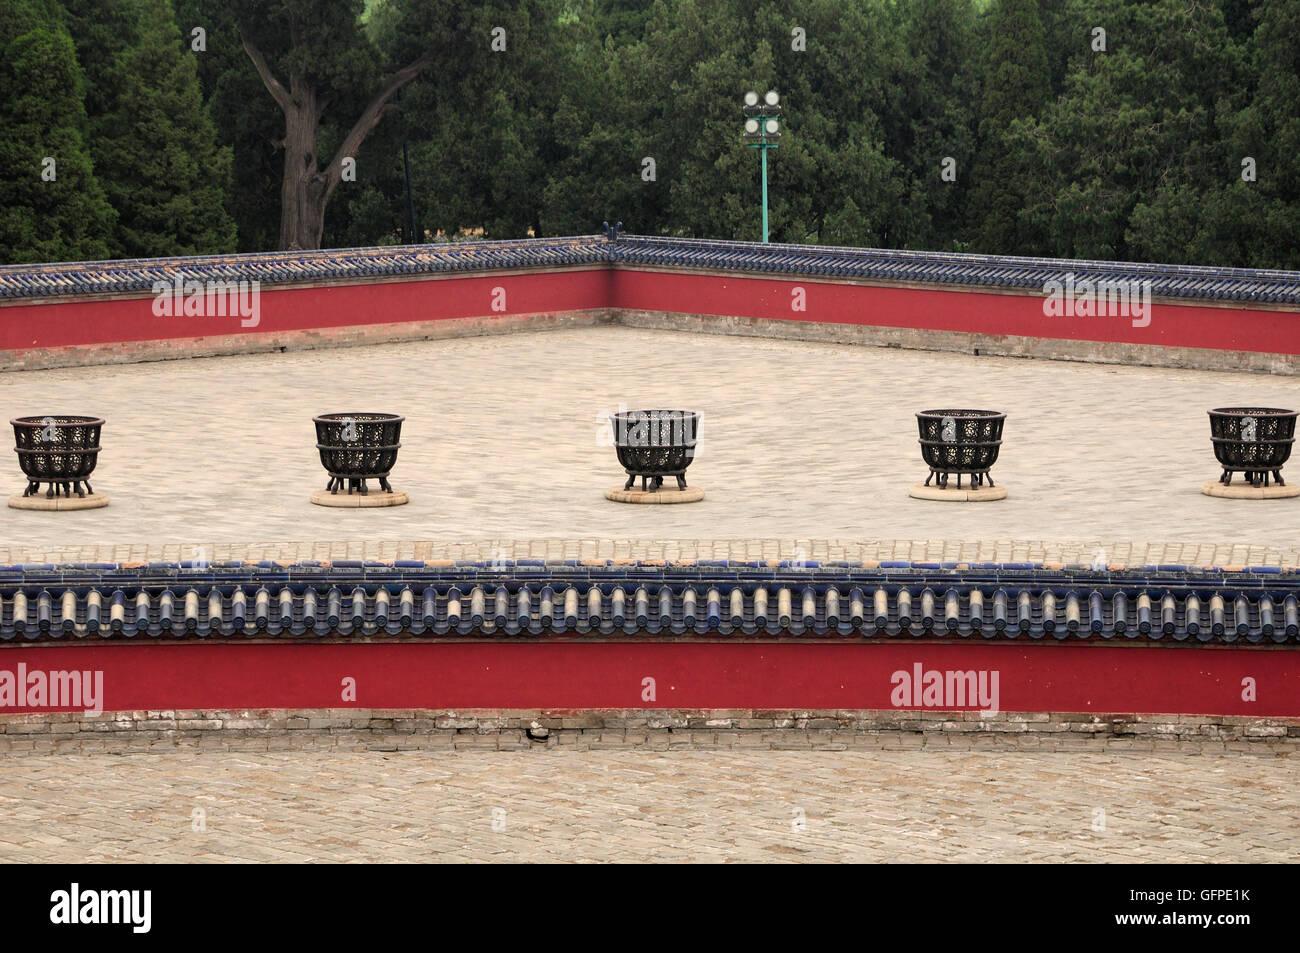 Fire pit e mura che circondano i cancelli Lingxing situato nel Parco Tiantan o il tempio del cielo scenic area a Beijing in Cina. Foto Stock